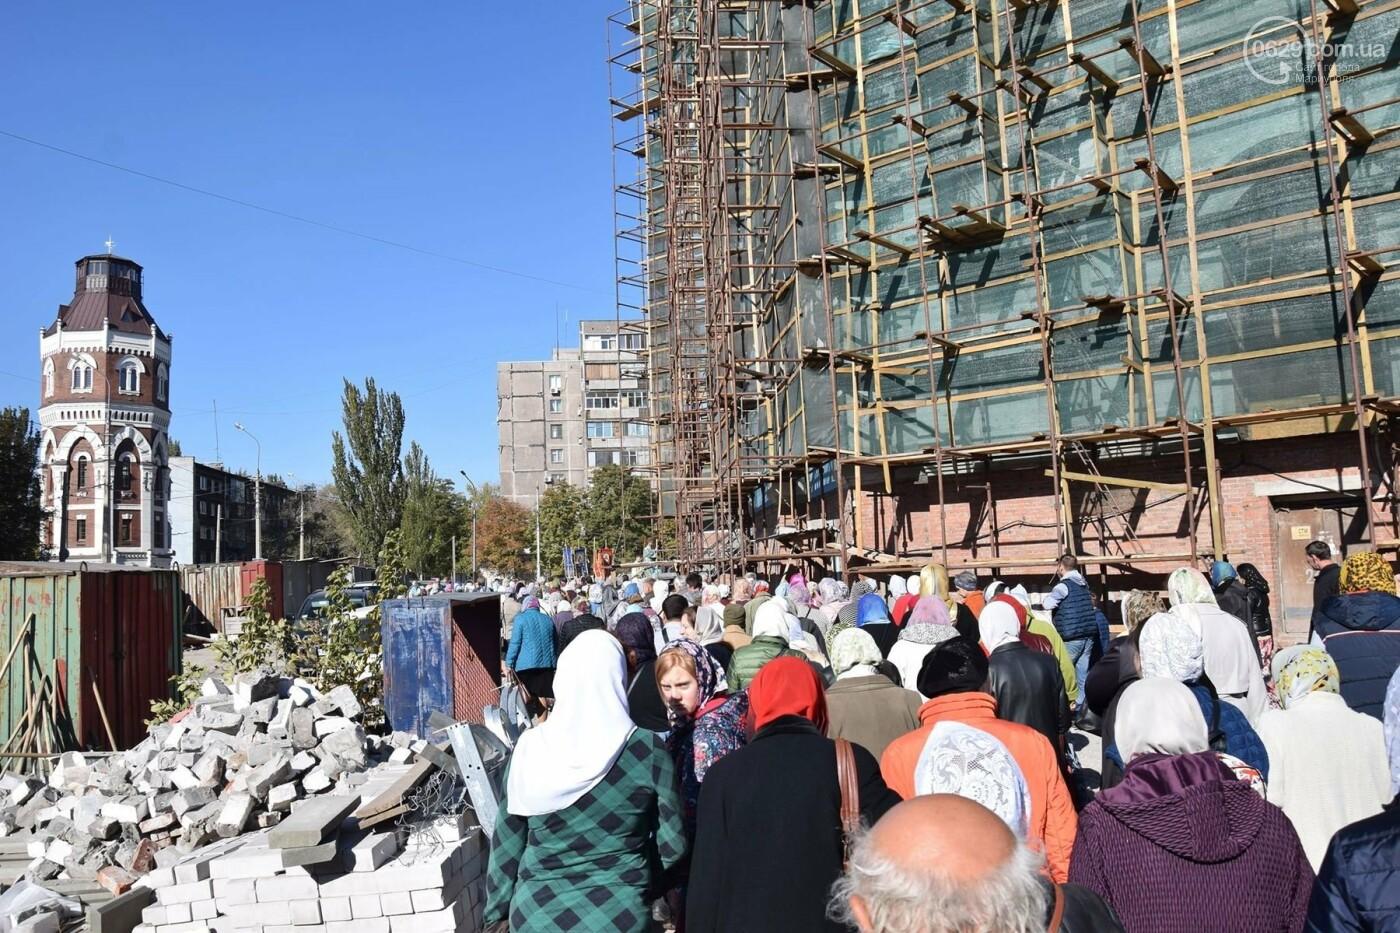 В Мариуполе православные христиане отмечали Покров, - ФОТО, ВИДЕО, фото-1